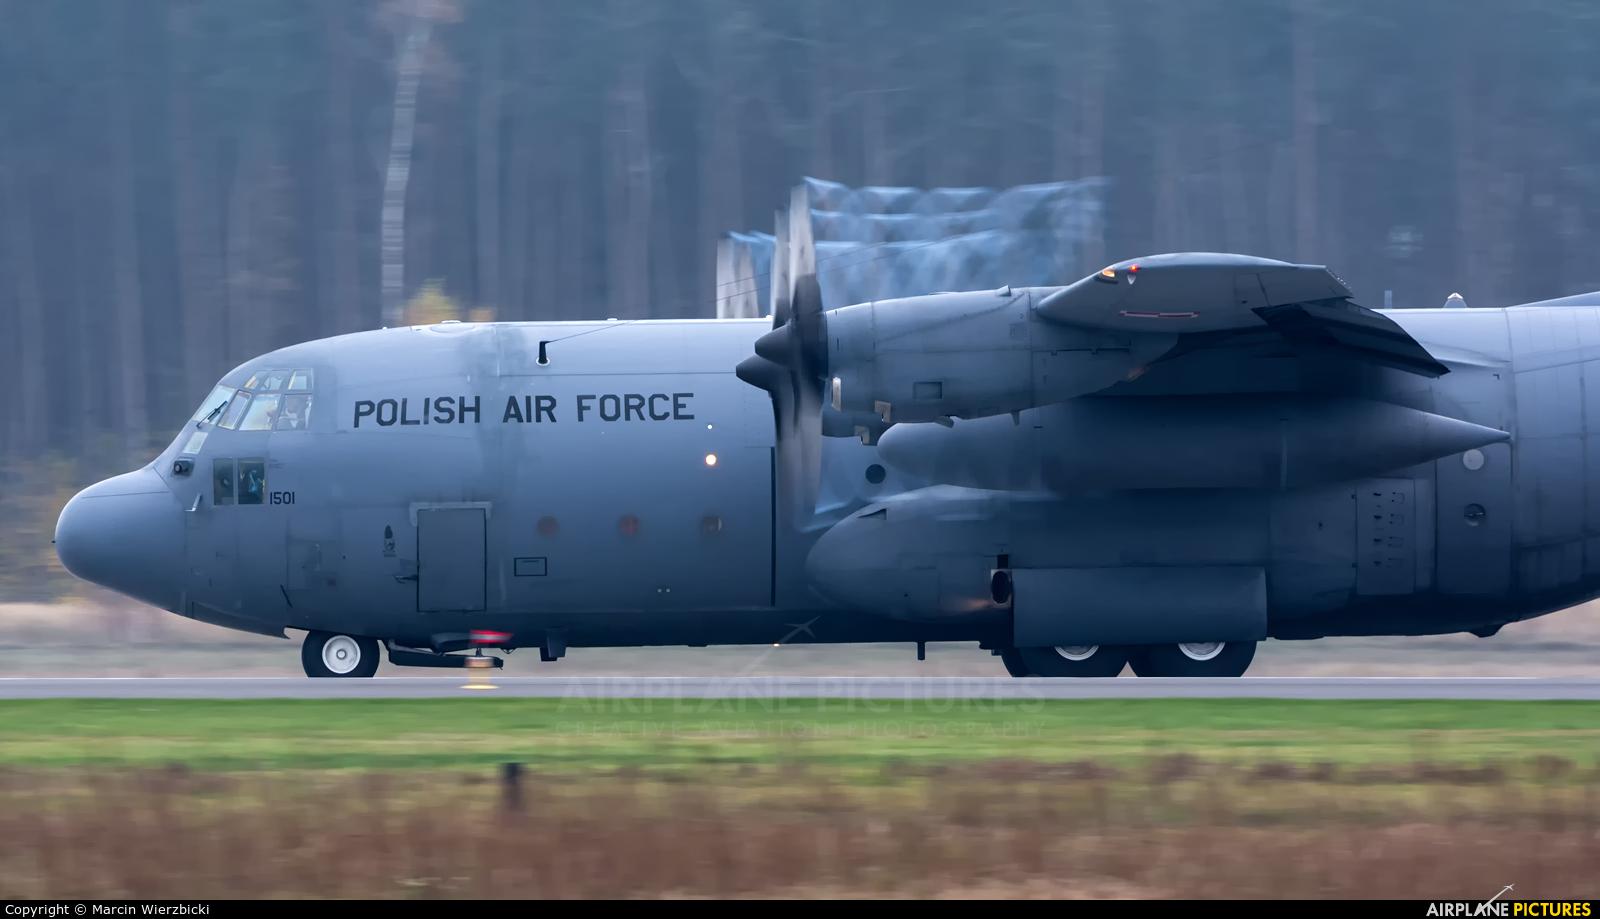 Poland - Air Force 1501 aircraft at Powidz